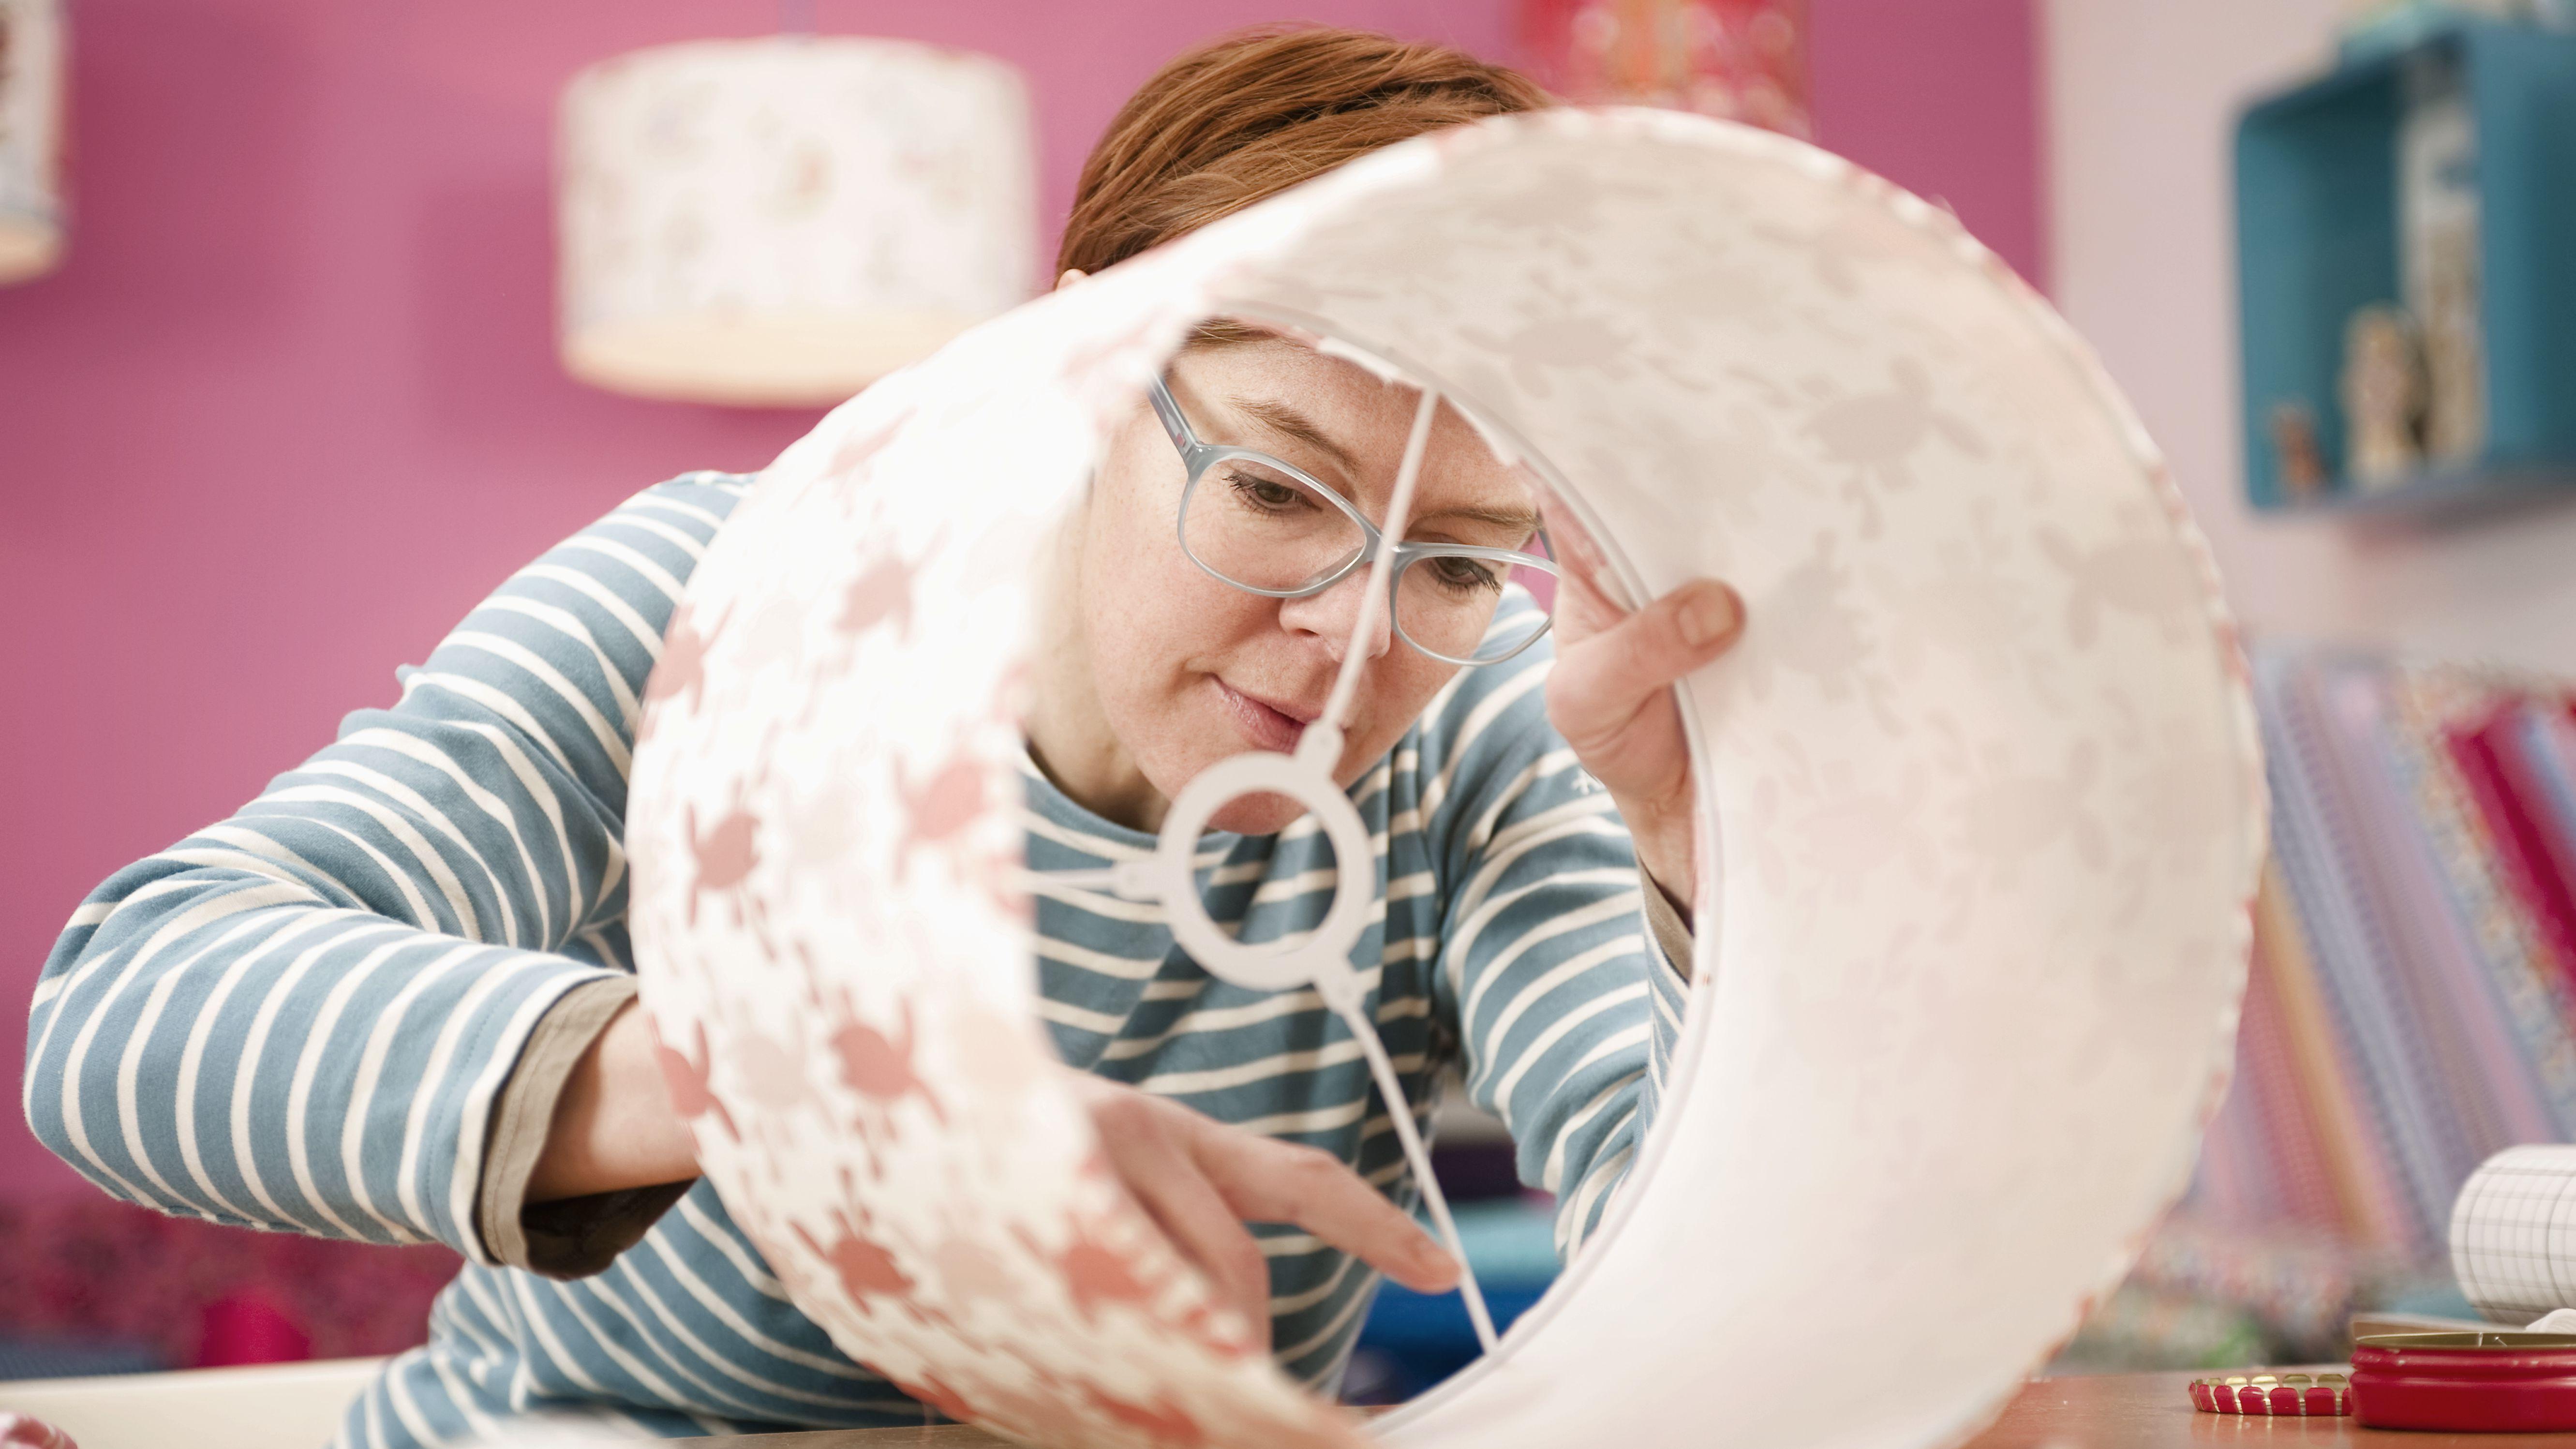 Diy Wallpaper Or Fabric Lampshade